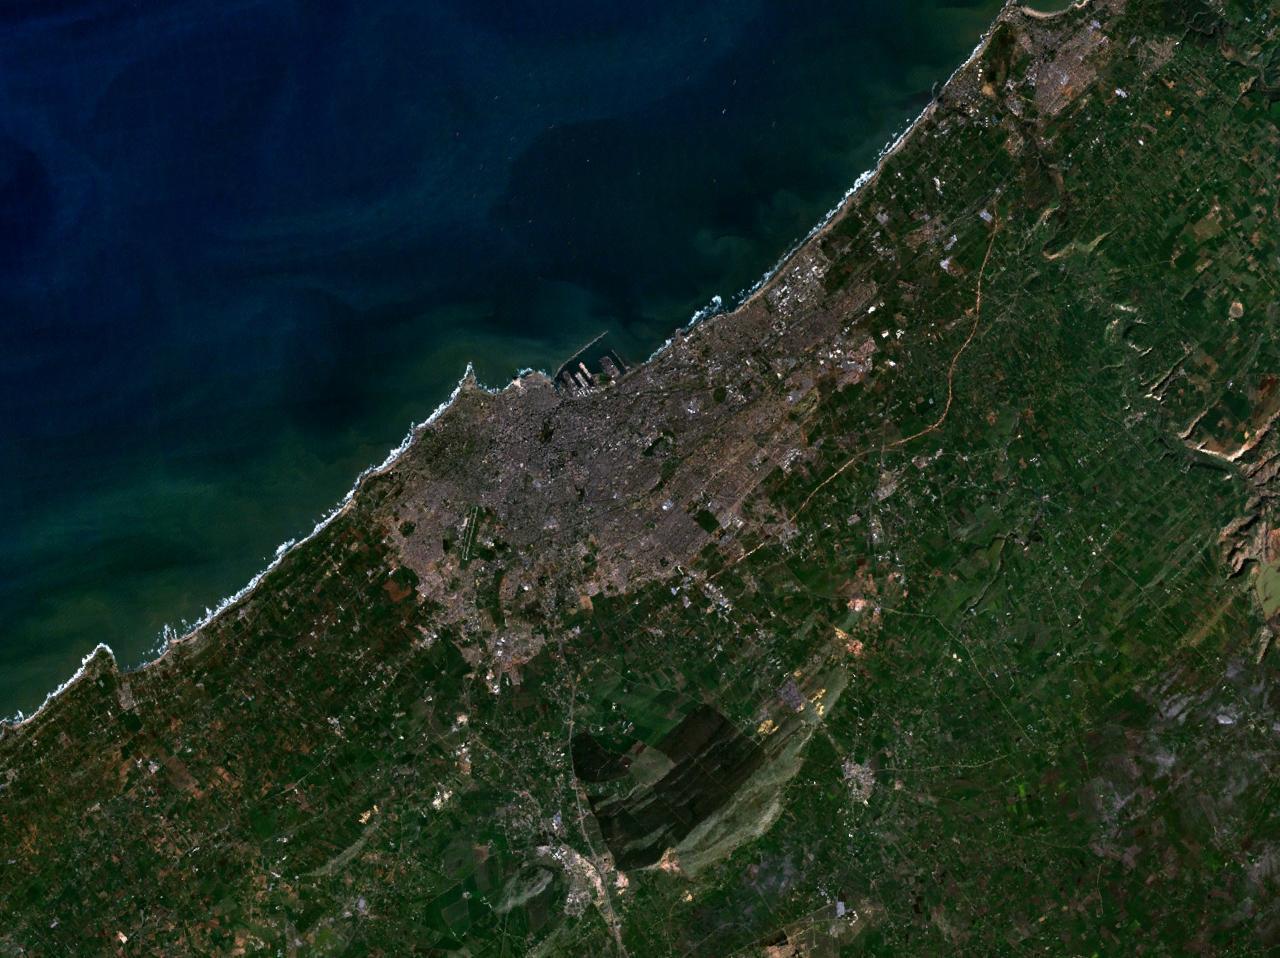 ألبوم صور المغرب (شامل لكل مناطقها Casablanca_7.58684W_33.56662N.jpg